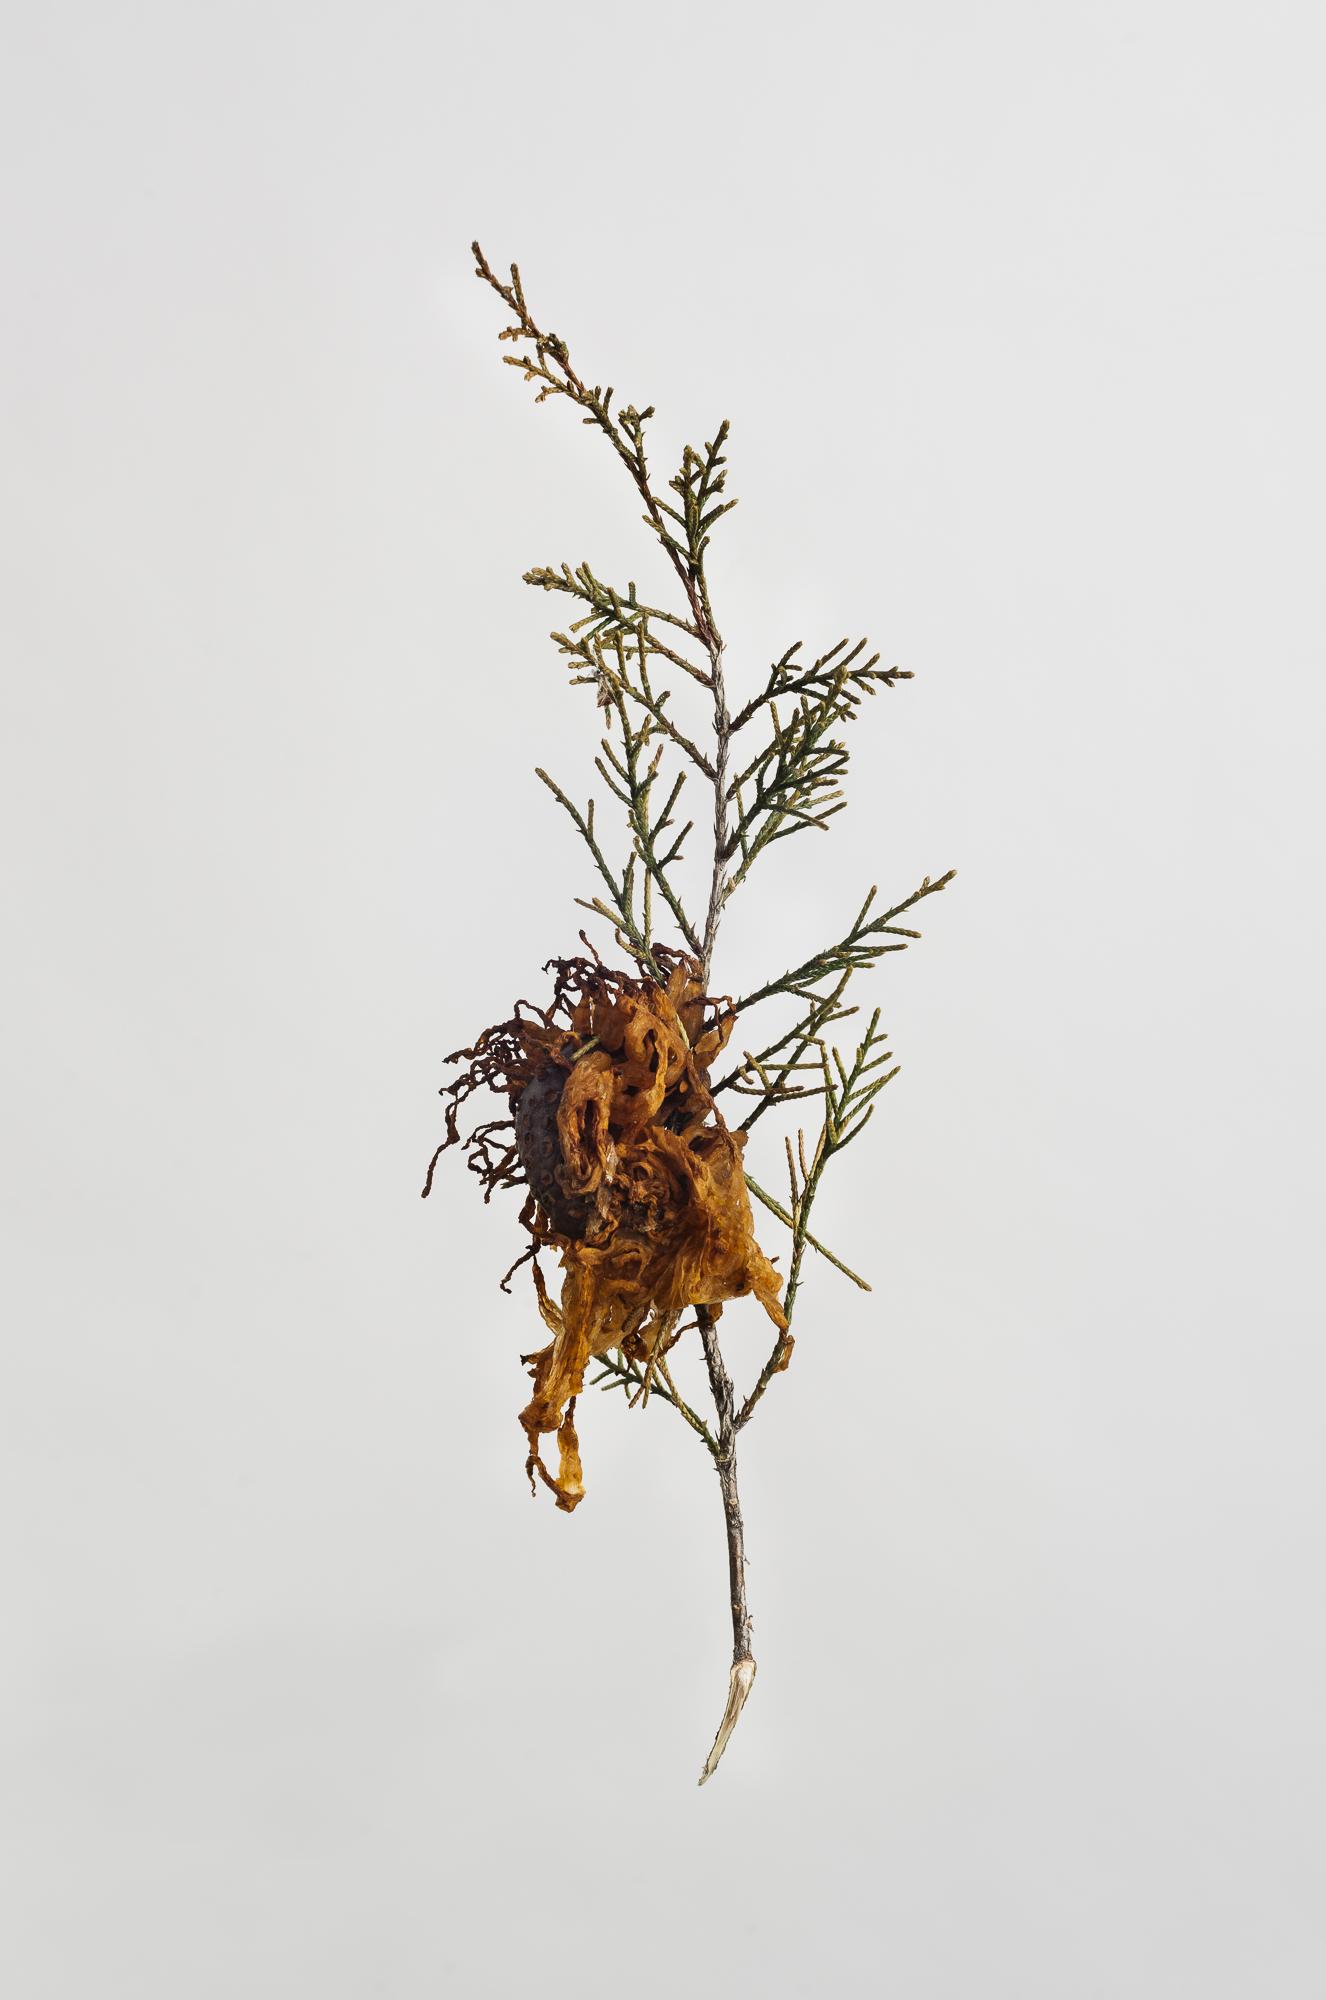 Gymnosporangium juniperi-virginianae - Ceder Apple Rust